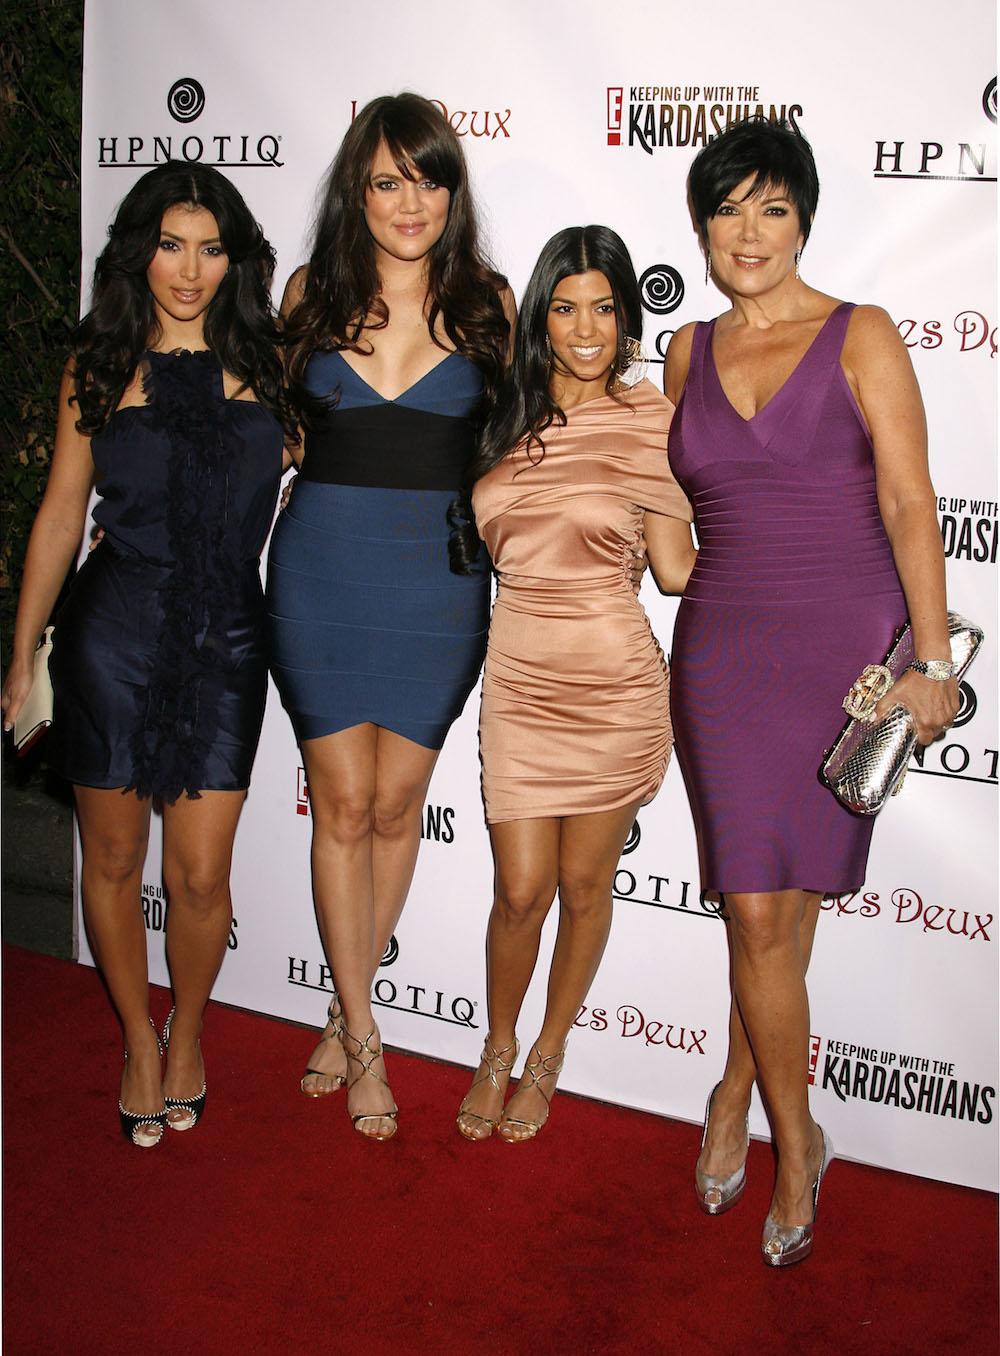 Kim Kardashian, Khloe Kardahian, Kourtney Kardashian og Kris Jenner på premierefesten til Keeping Up With The Kardashians sesong 2 på klubben Les Deux i Hollywood i 2008 (Jeffrey Mayer/WireImage)